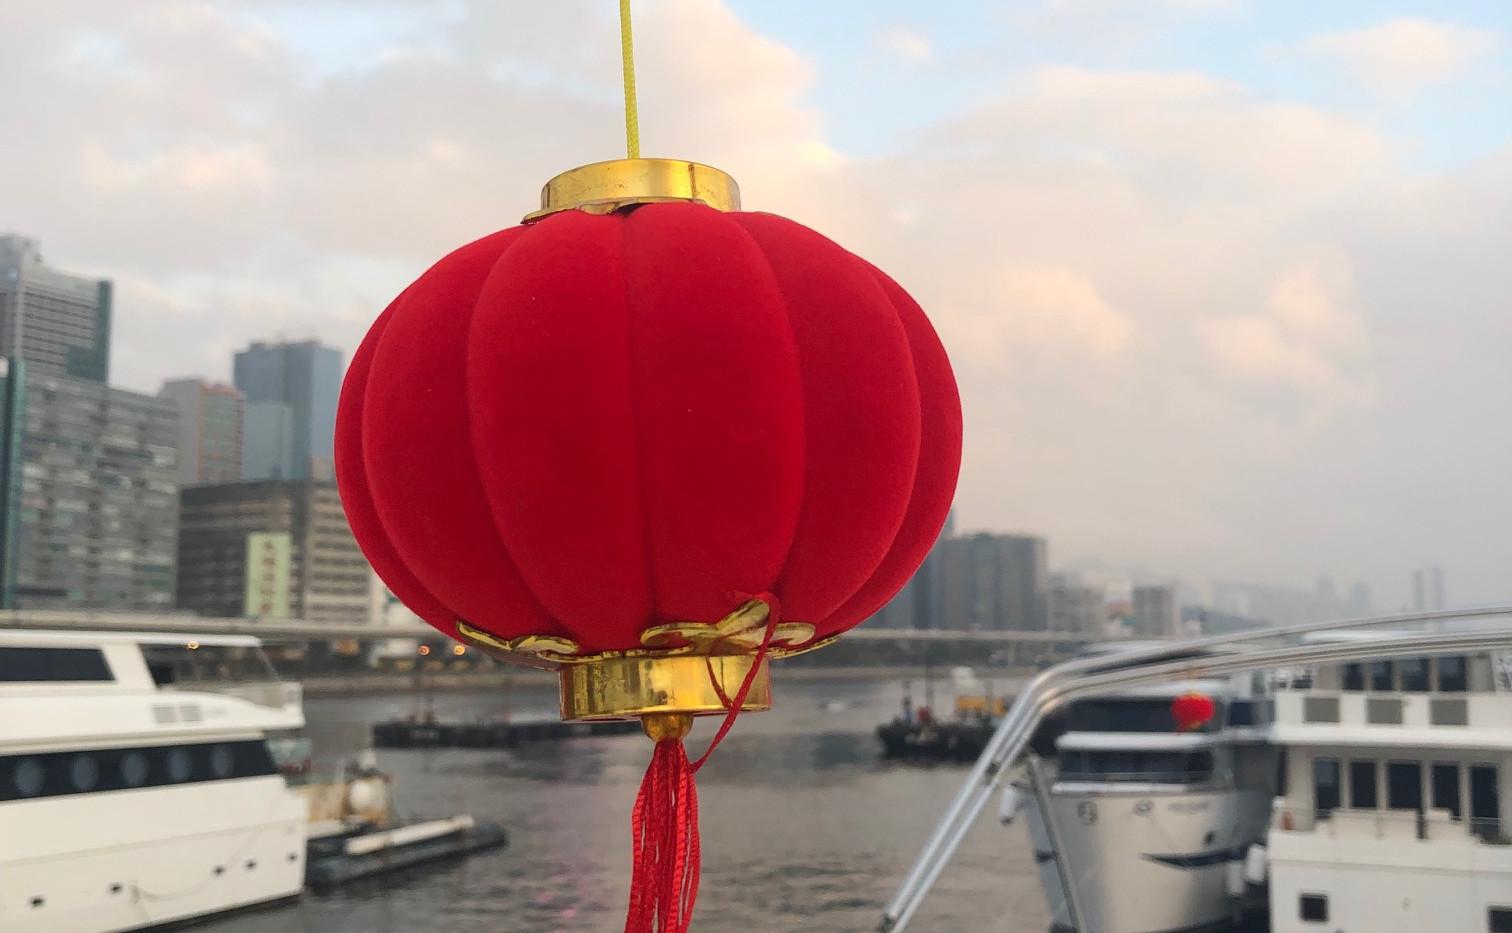 CNY lanterns